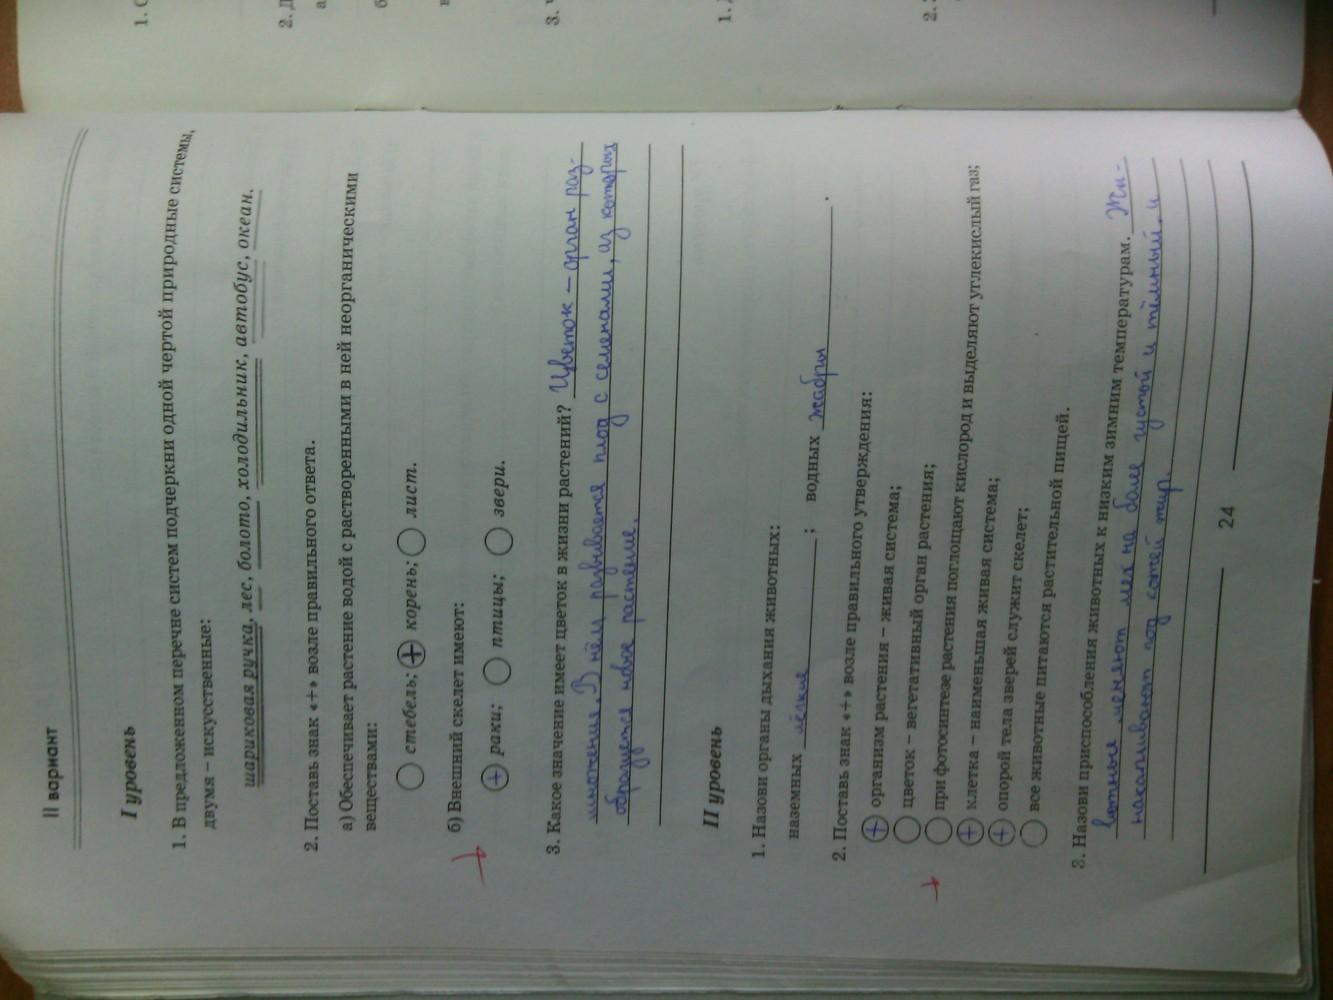 ГДЗ відповіді робочий зошит по биологии 6 класс Котик, Гусева. Задание: стр. 24